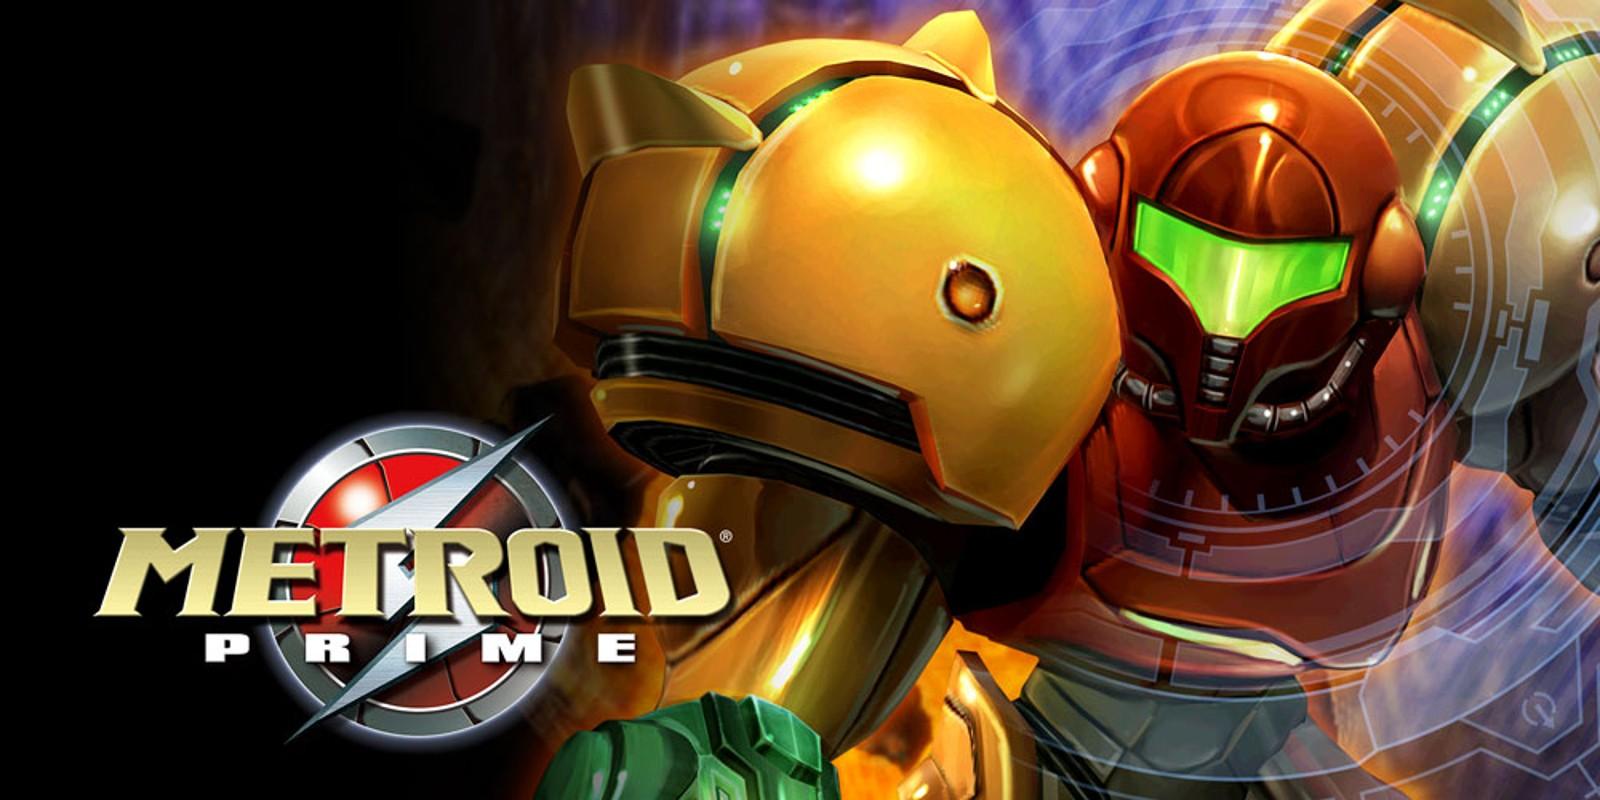 Falece Andy O'Neil, o principal engenheiro técnico da série Metroid Prime